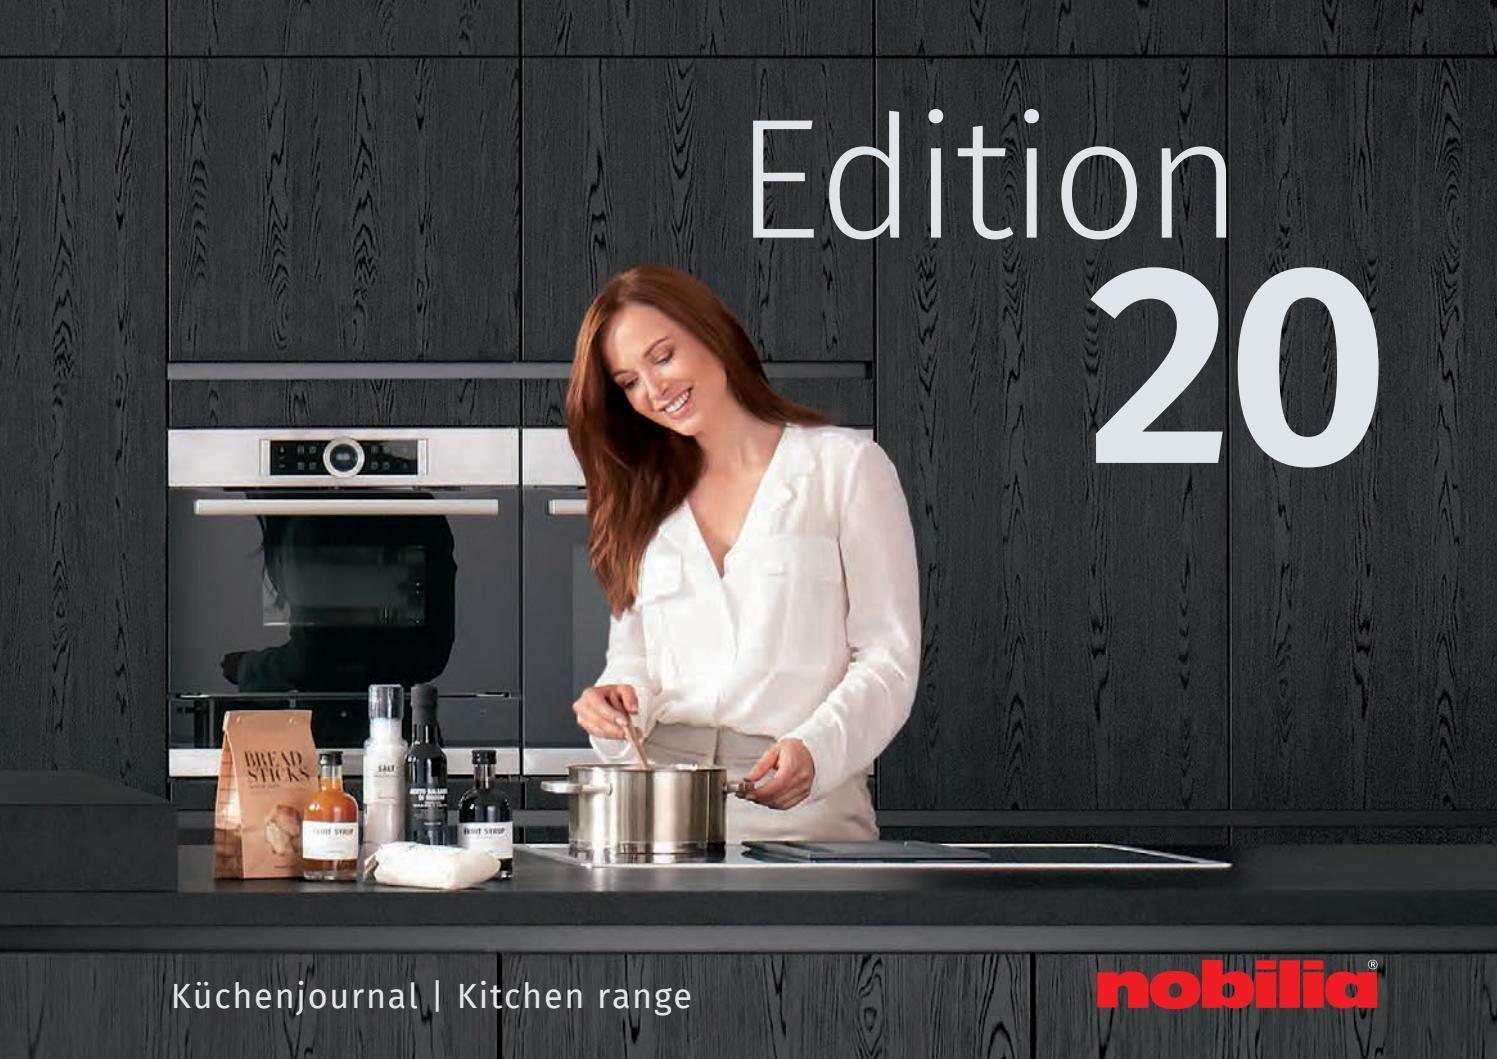 Full Size of Nobilia Eckschrank Kchen Magazin 2020 By Perspektive Werbeagentur Küche Bad Einbauküche Schlafzimmer Wohnzimmer Nobilia Eckschrank